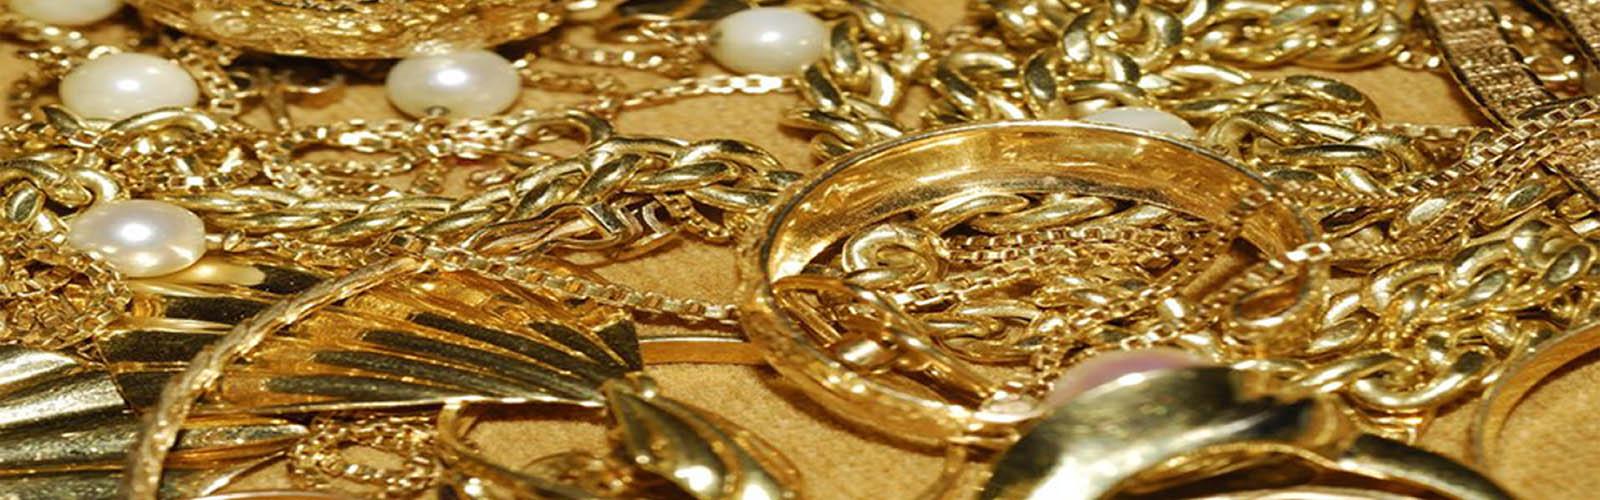 Compro Oro Roma - Contattaci per ulteriori informazioni